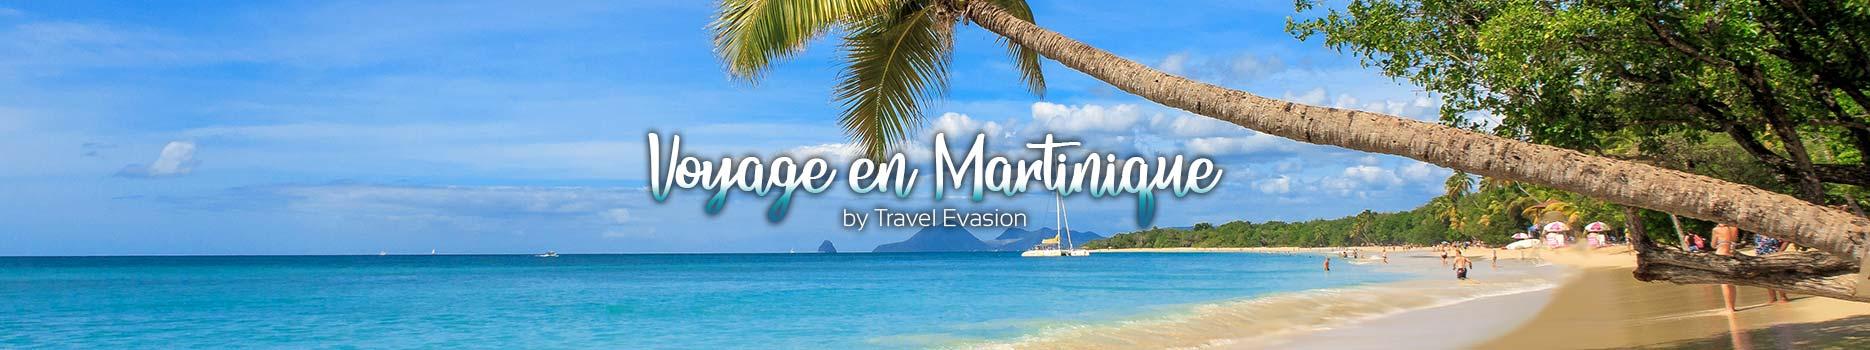 Voyage en Martinique, des vacances aux Antilles au Top.